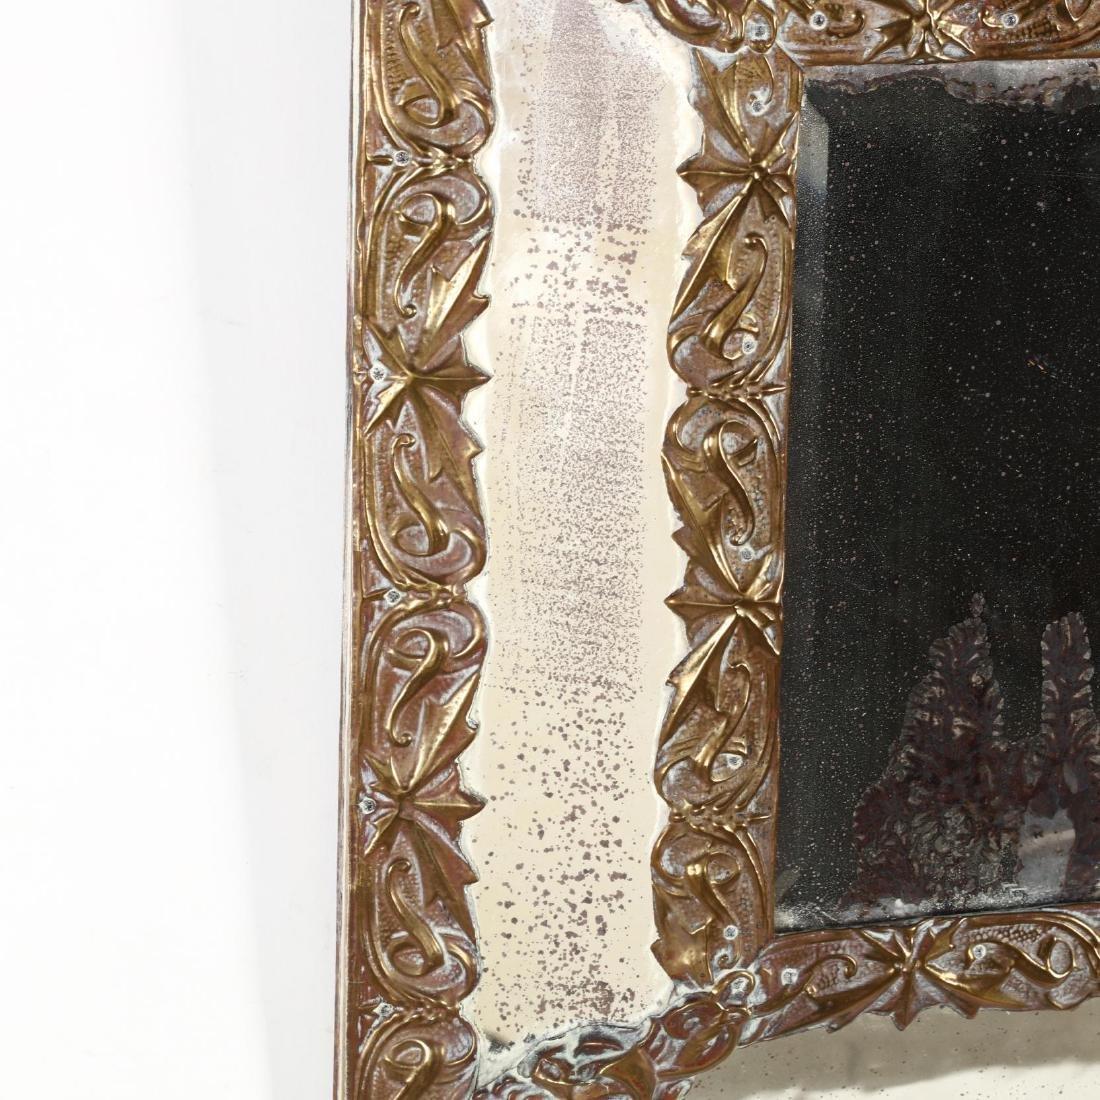 An Antique Continental Art Nouveau Mirror - 3